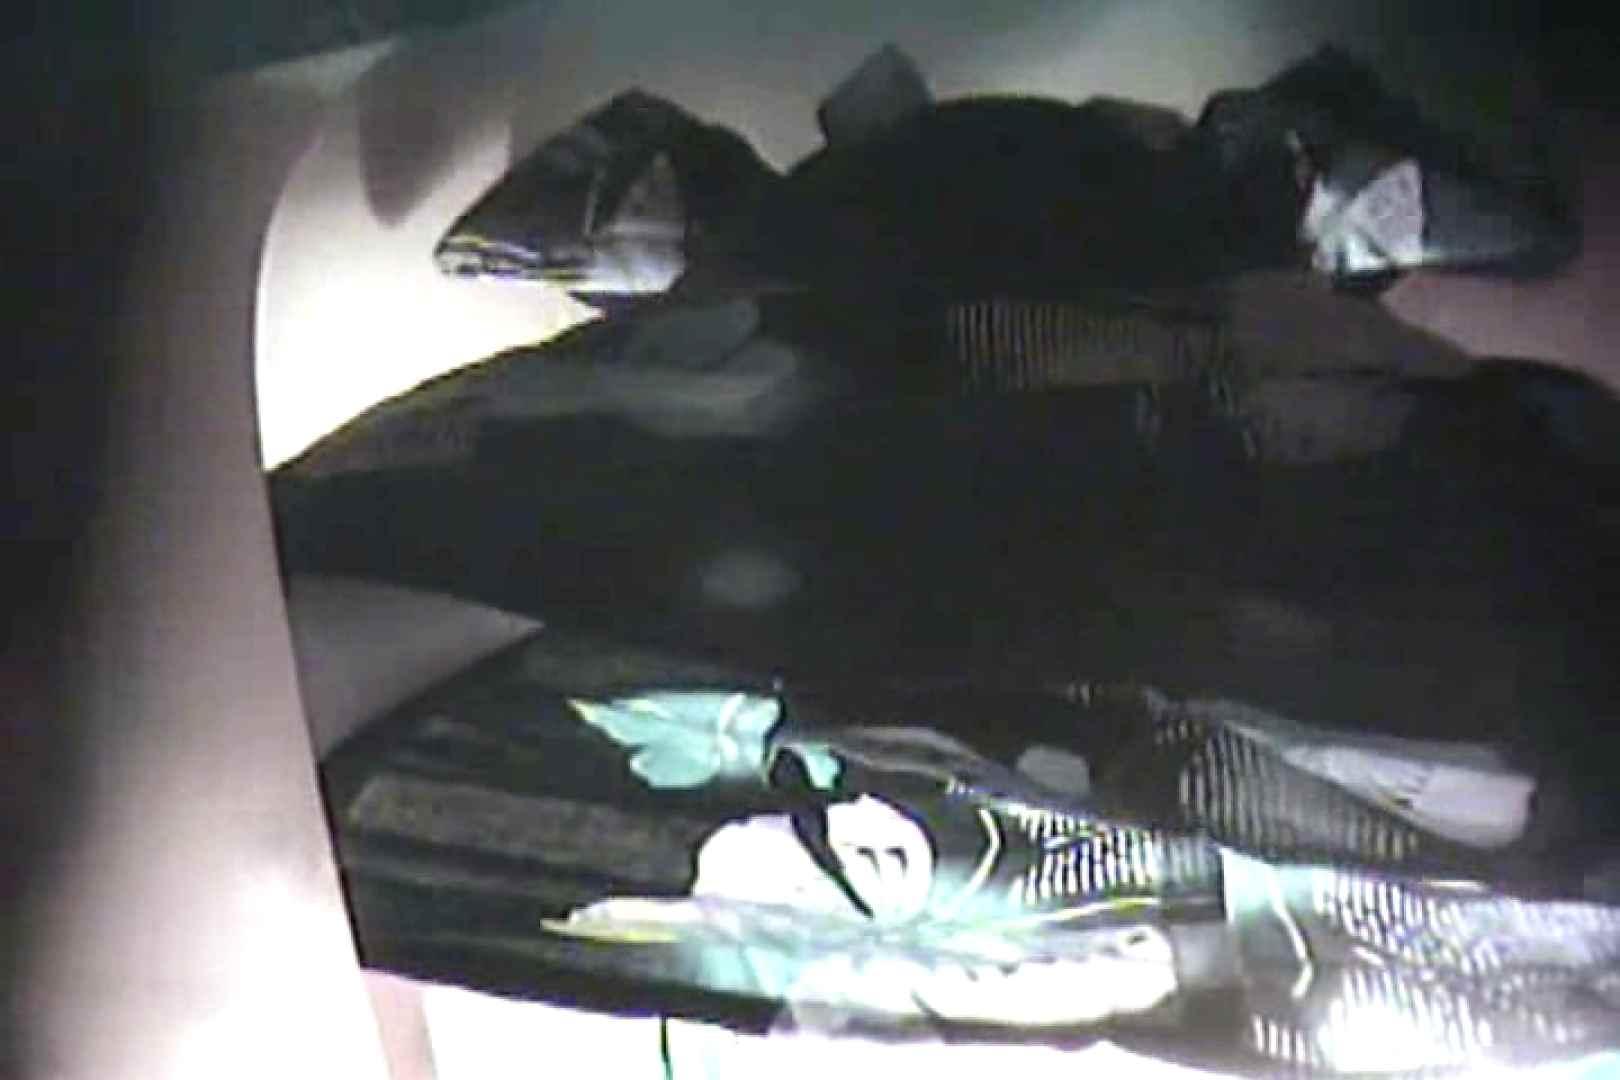 [お盆限定]和式洗面所汚物フレフレ100連発 Vol.1 洗面所突入 AV無料動画キャプチャ 73pic 68